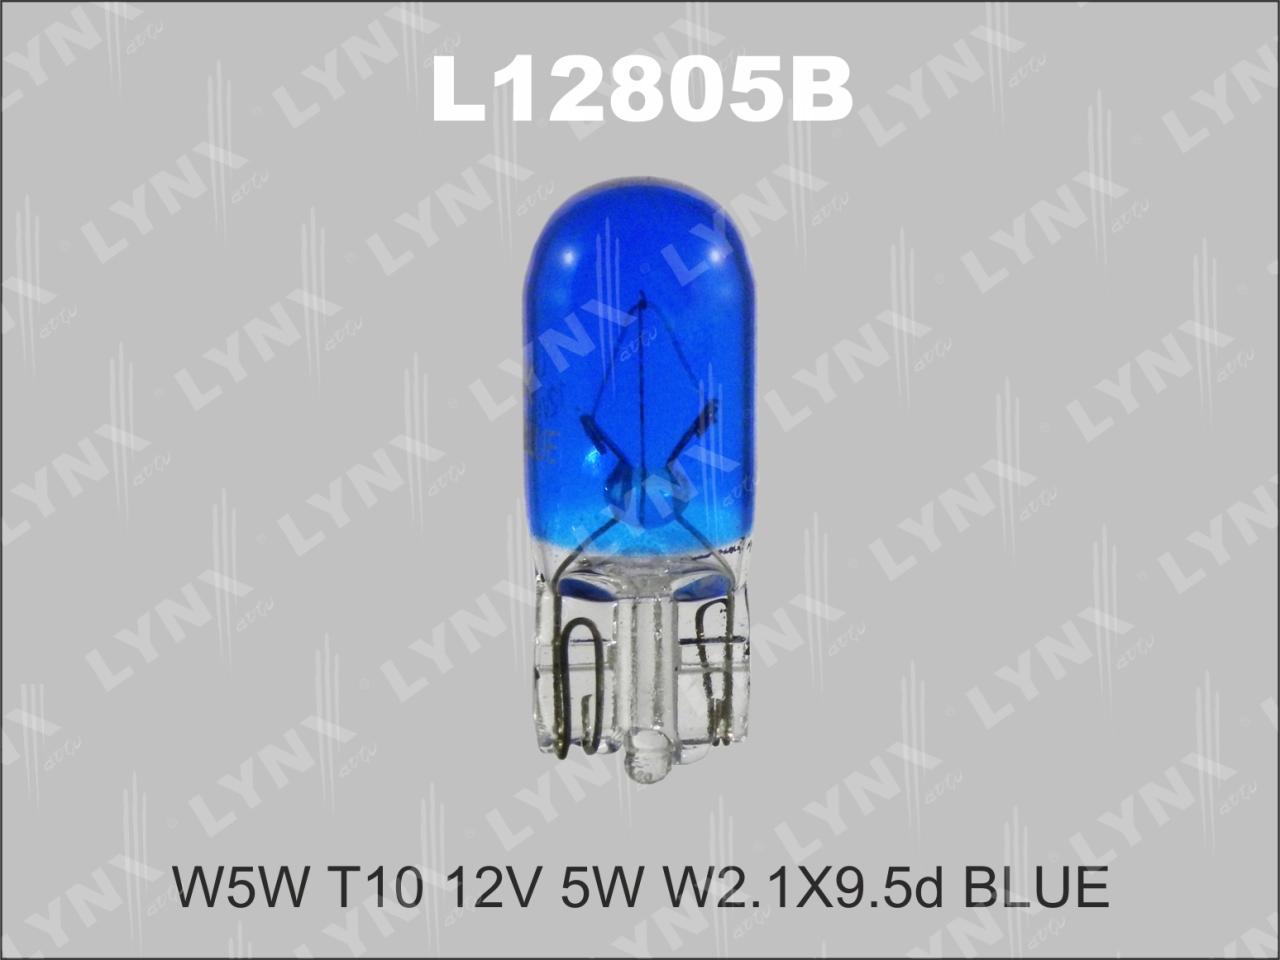 12805B W5W T10 12V 5W W2.1X9.5D Лампа автом(10шт), шт. Lynx (L12805B)